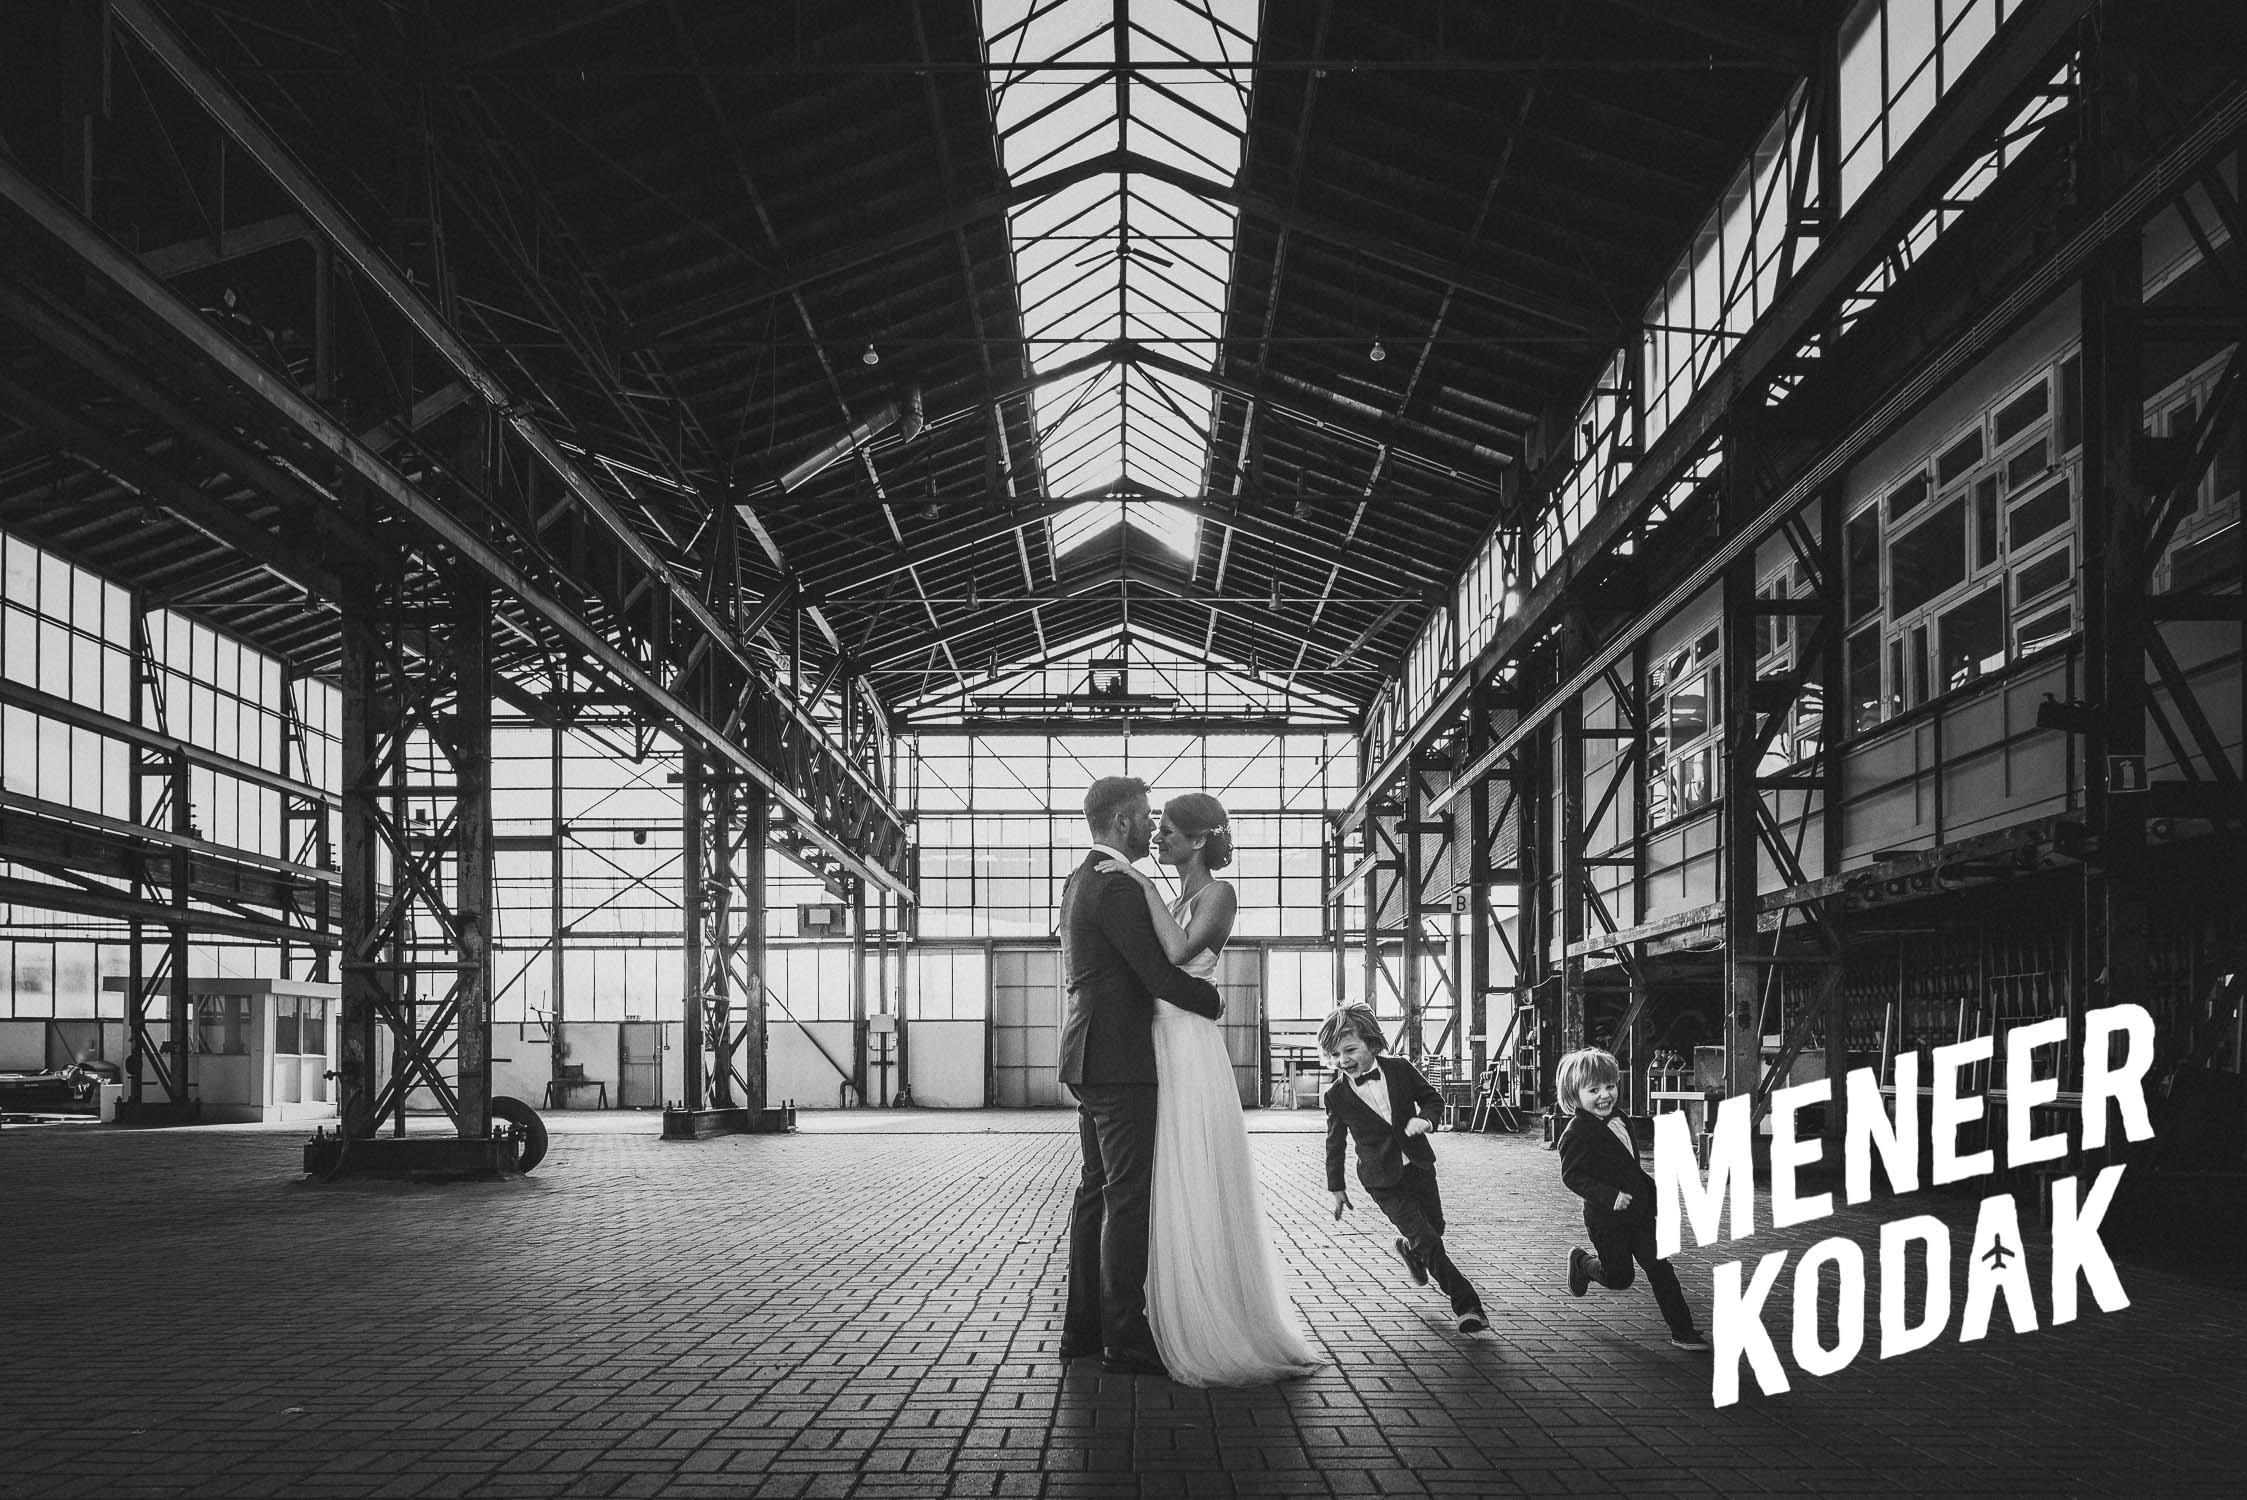 Meneer Kodak - Bruidsfotograaf - Breda - S&R-075.jpg